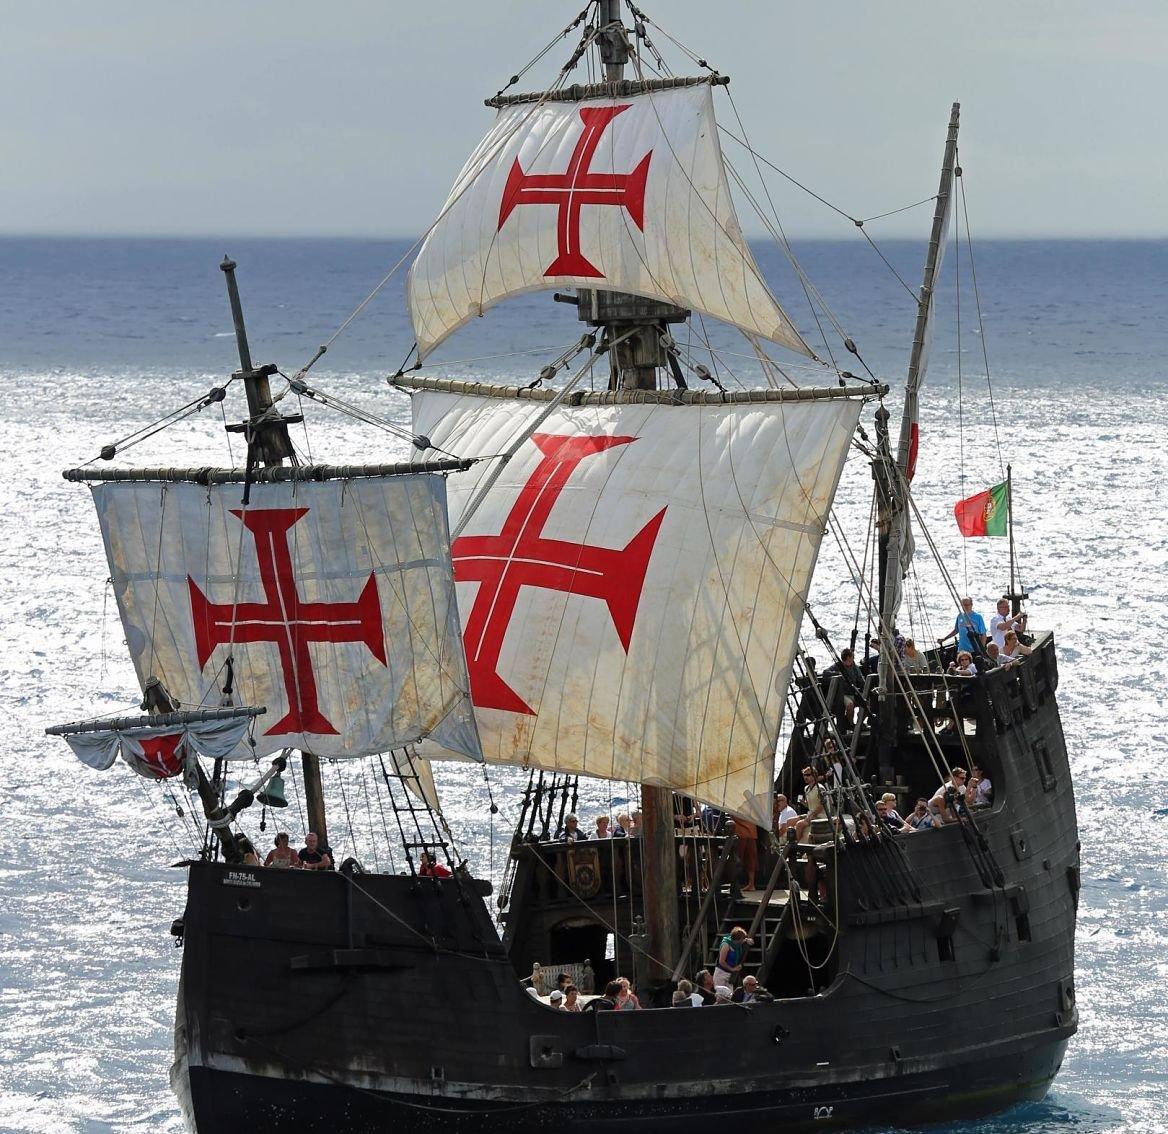 Réplique du Santa Maria, bateau de Christophe Colomb, Madère